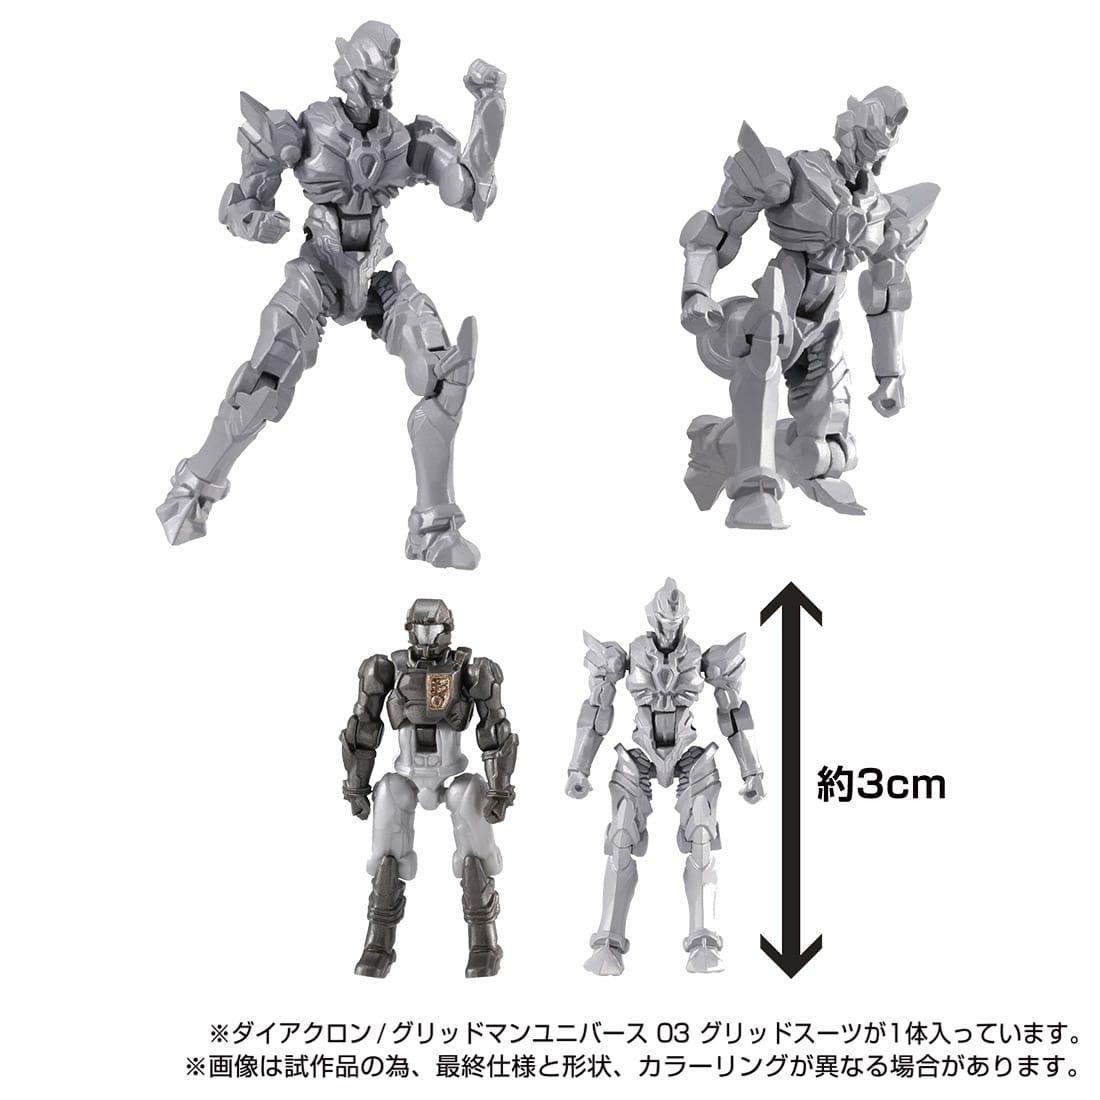 ダイアクロン / グリッドマンユニバース 02『ダイアクロンVS.グリッドマン Ver』可動フィギュア-011